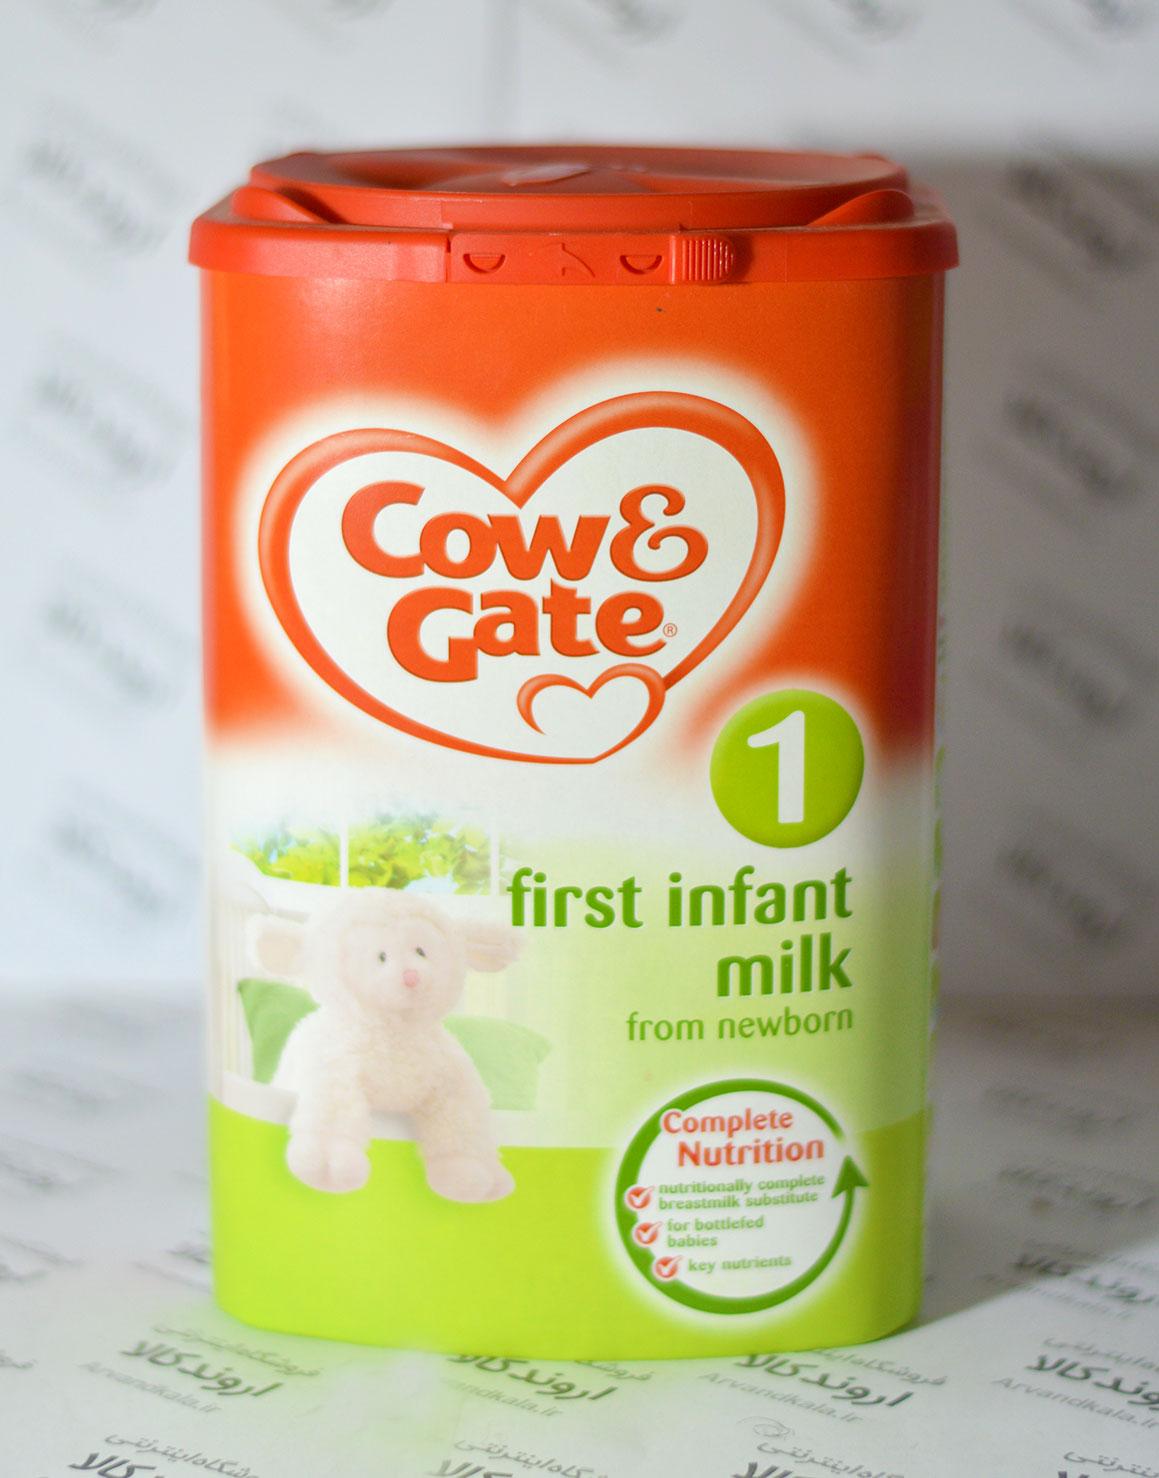 شیرخشک کاو اند گیت cow and gate